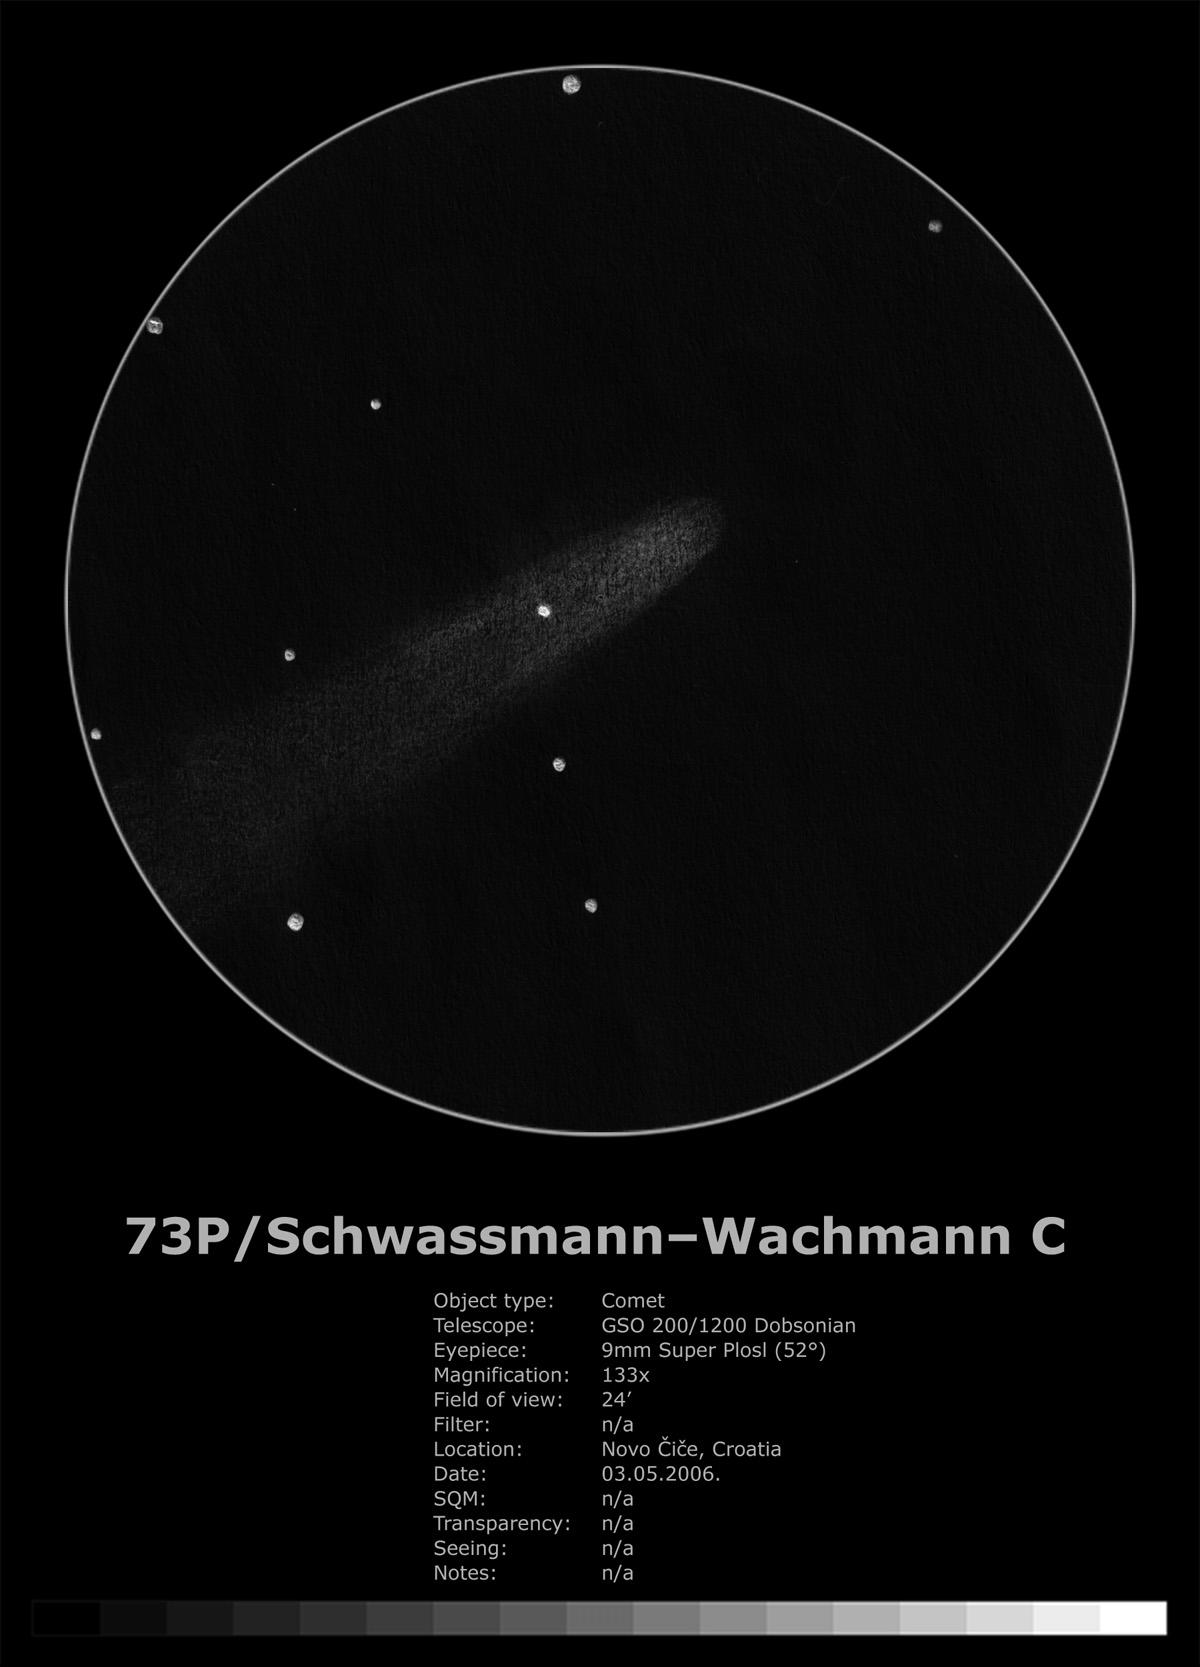 73P/Schwassmann–Wachmann C (2006)